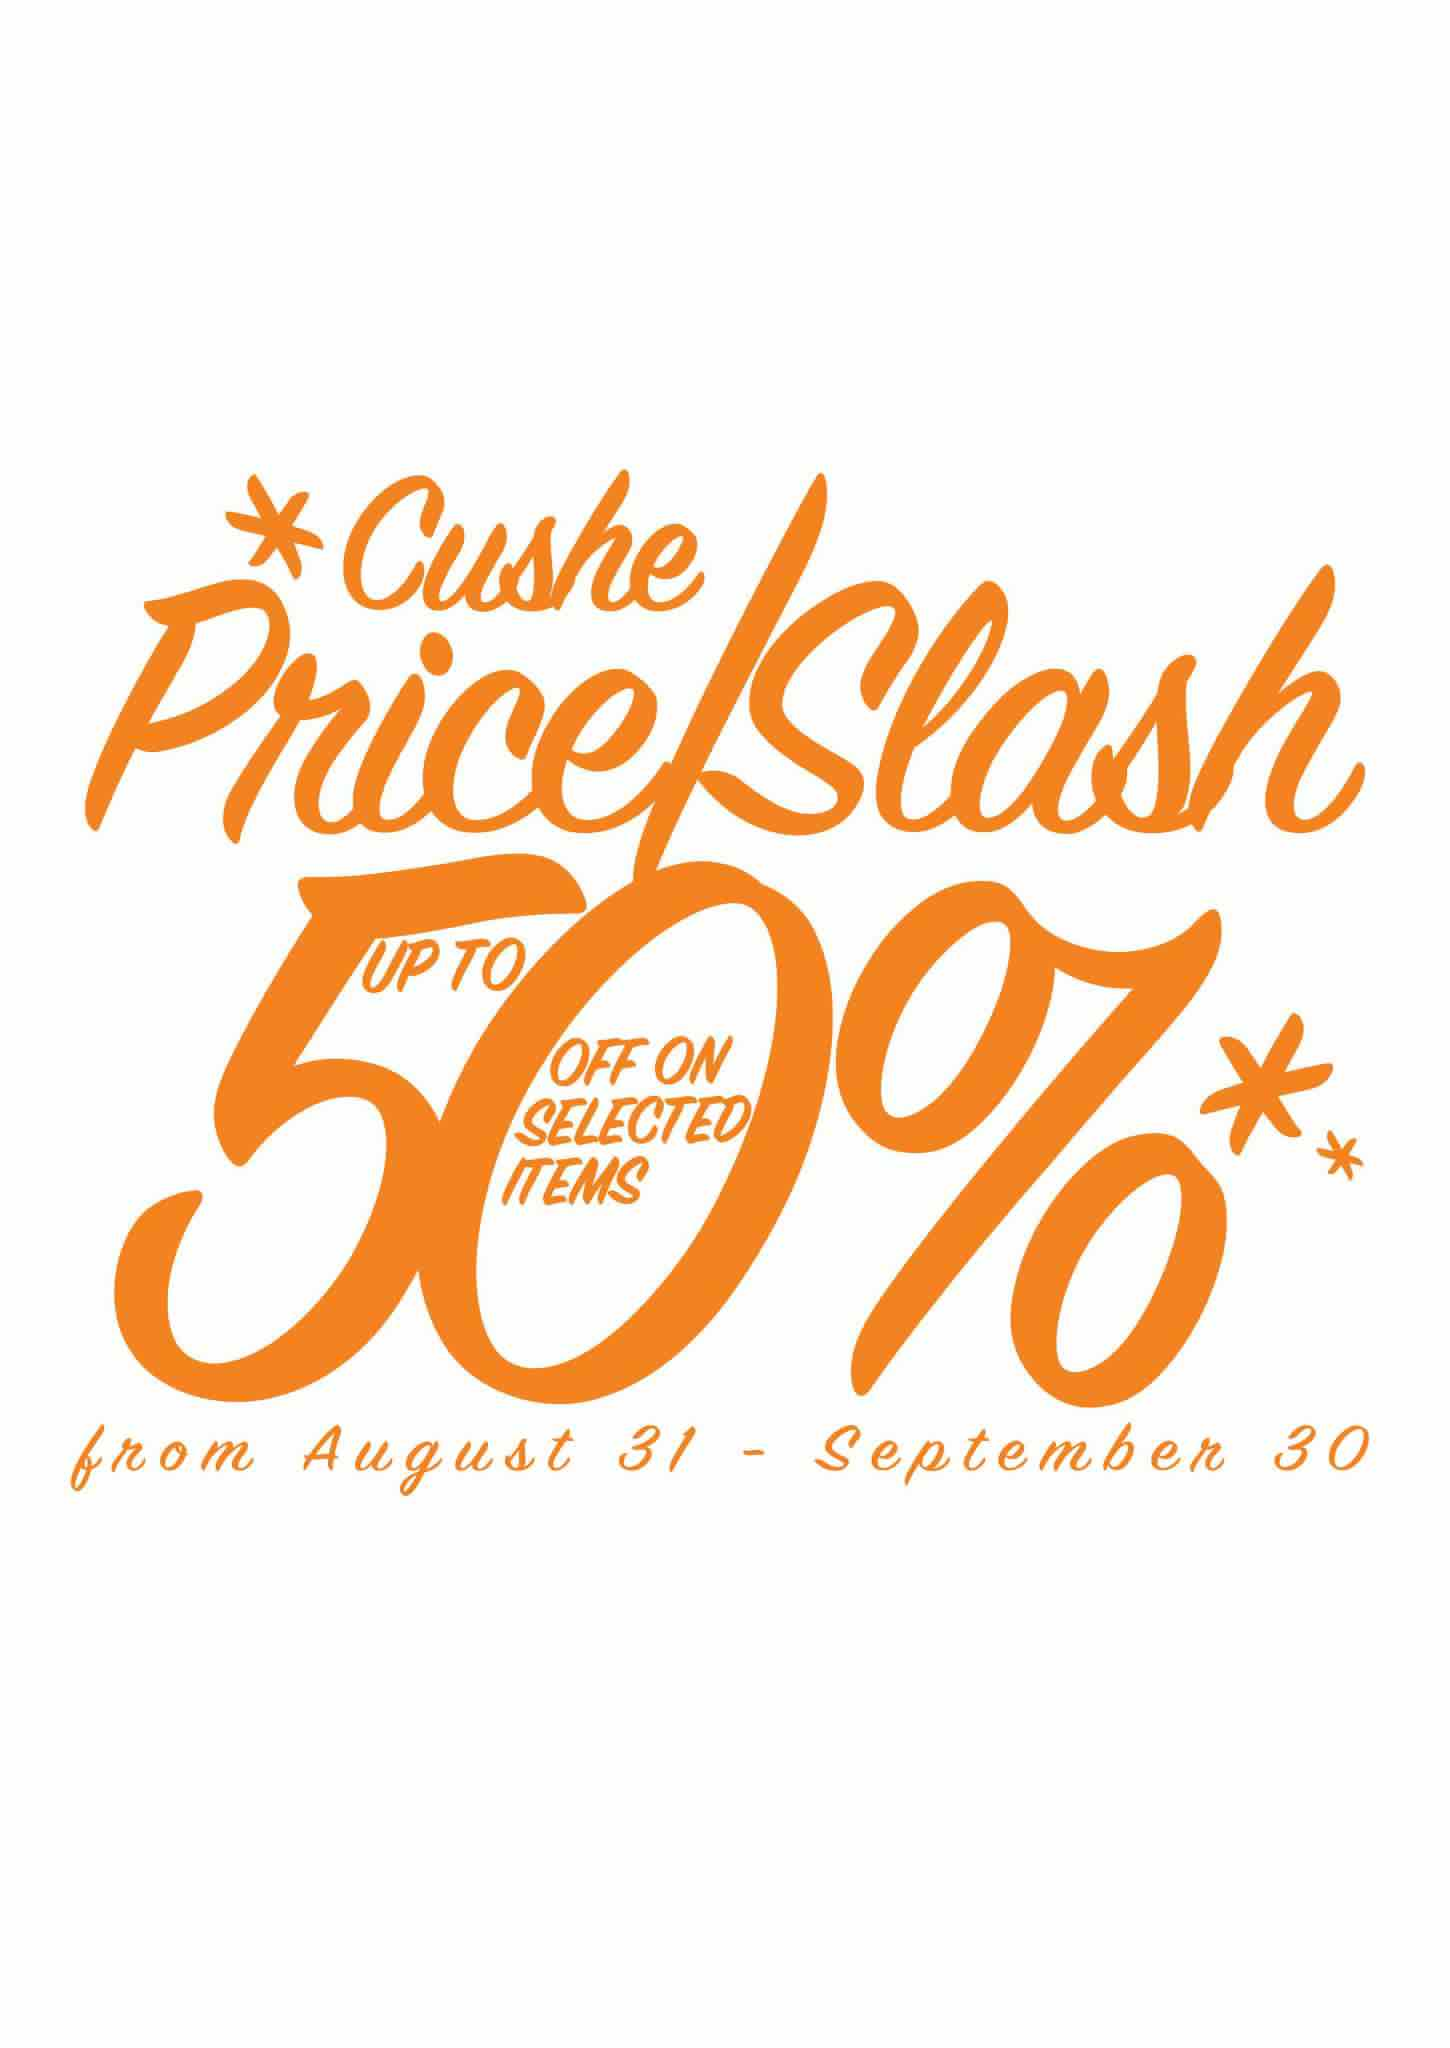 Cushe Anniversary Sale September 2012